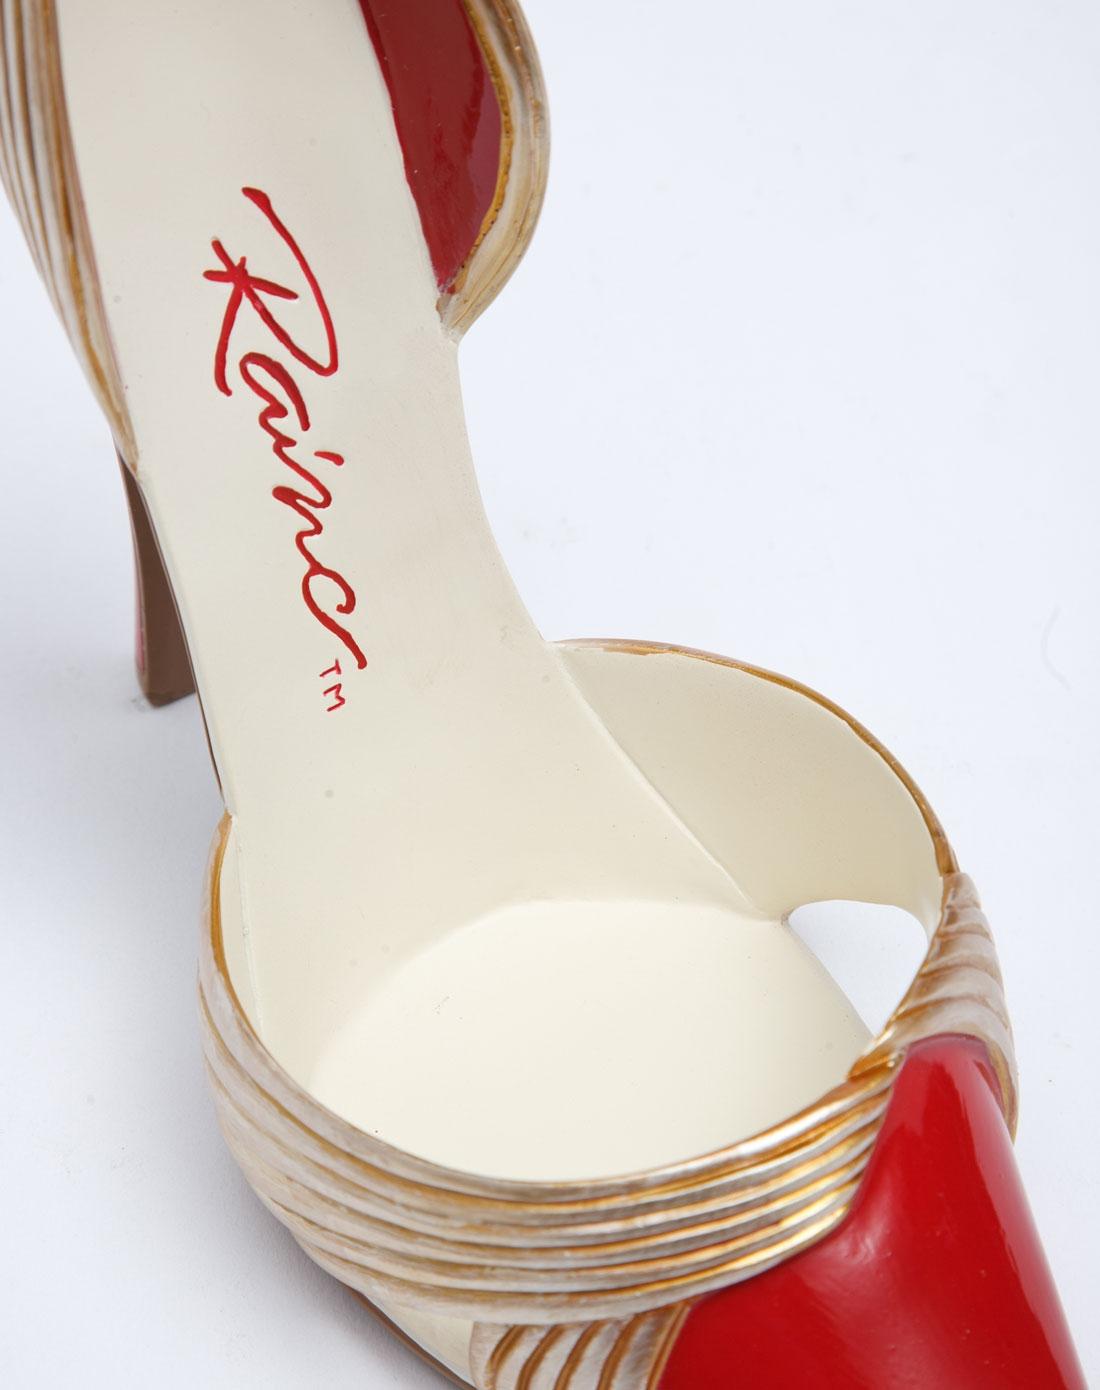 > 创意高跟鞋手绘树脂红酒架-镀金时代